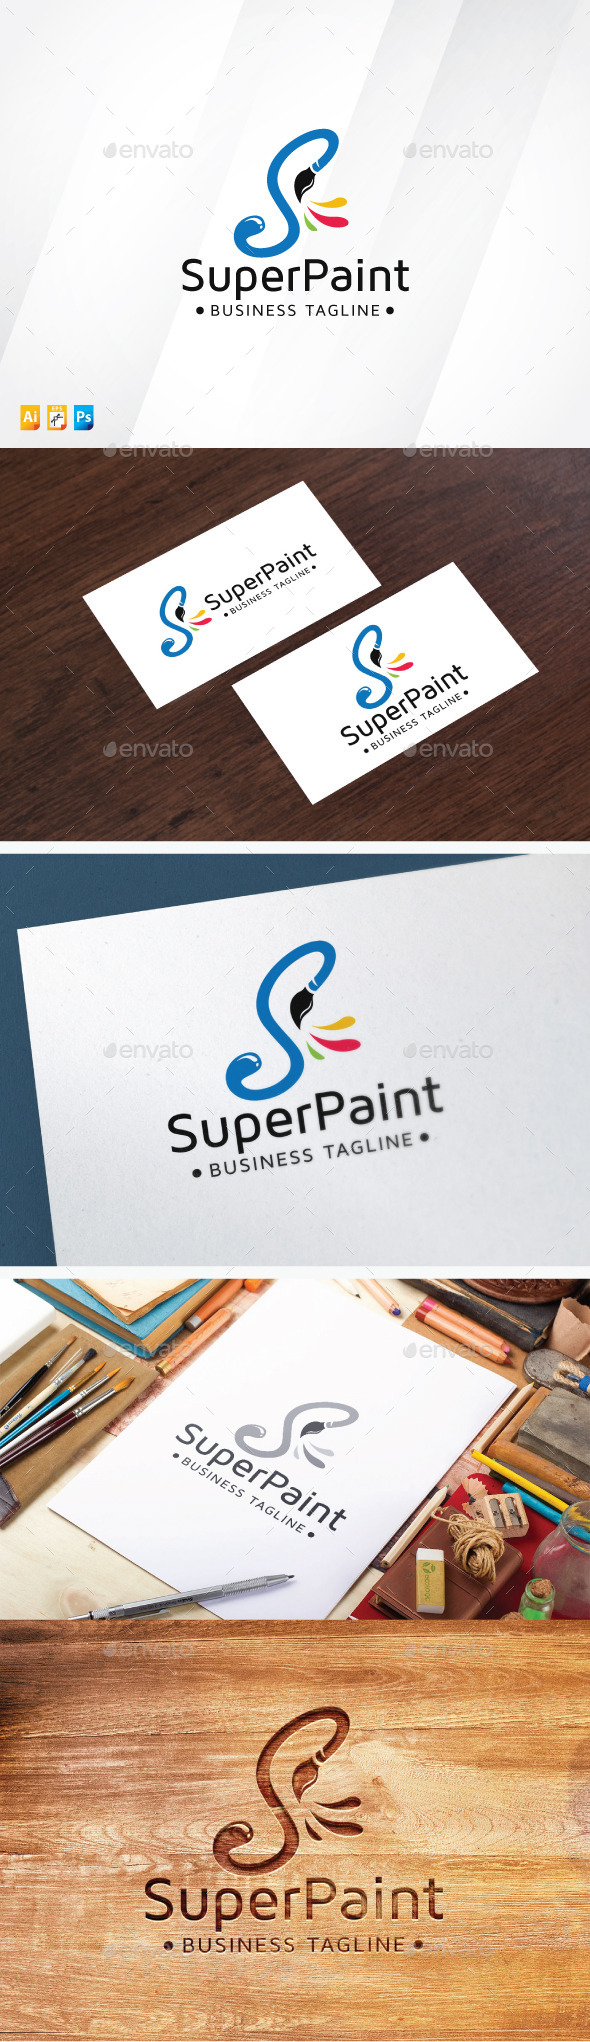 Super Paint